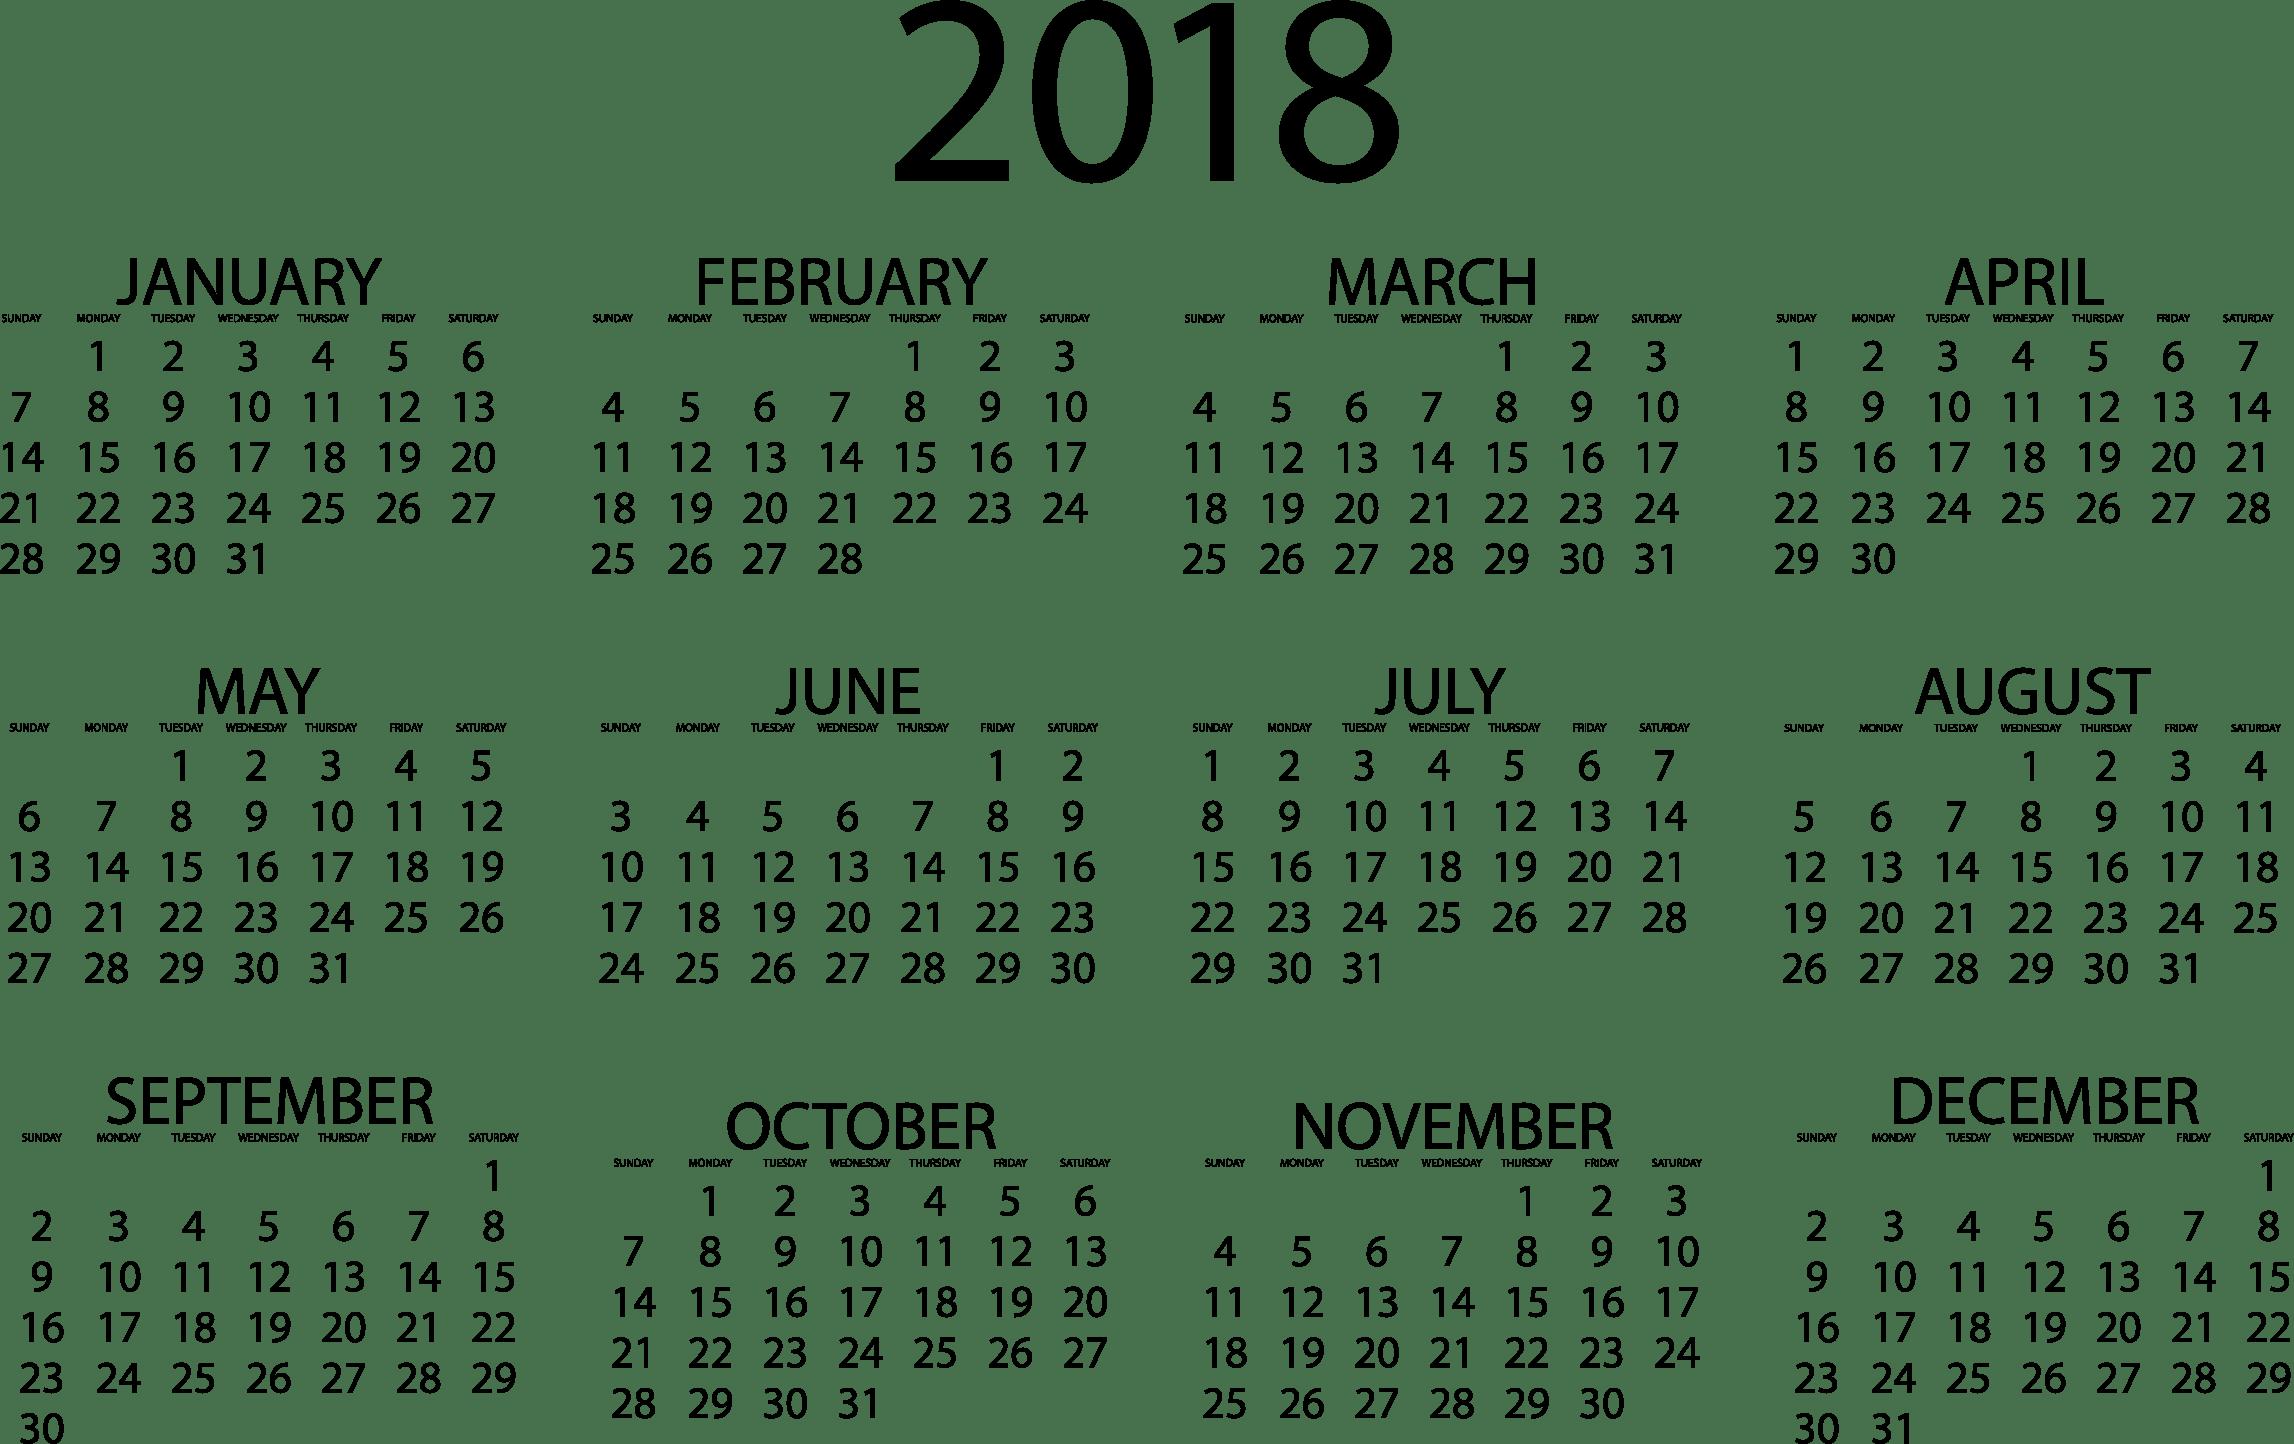 2018 calendar clipart » Clipart Portal.